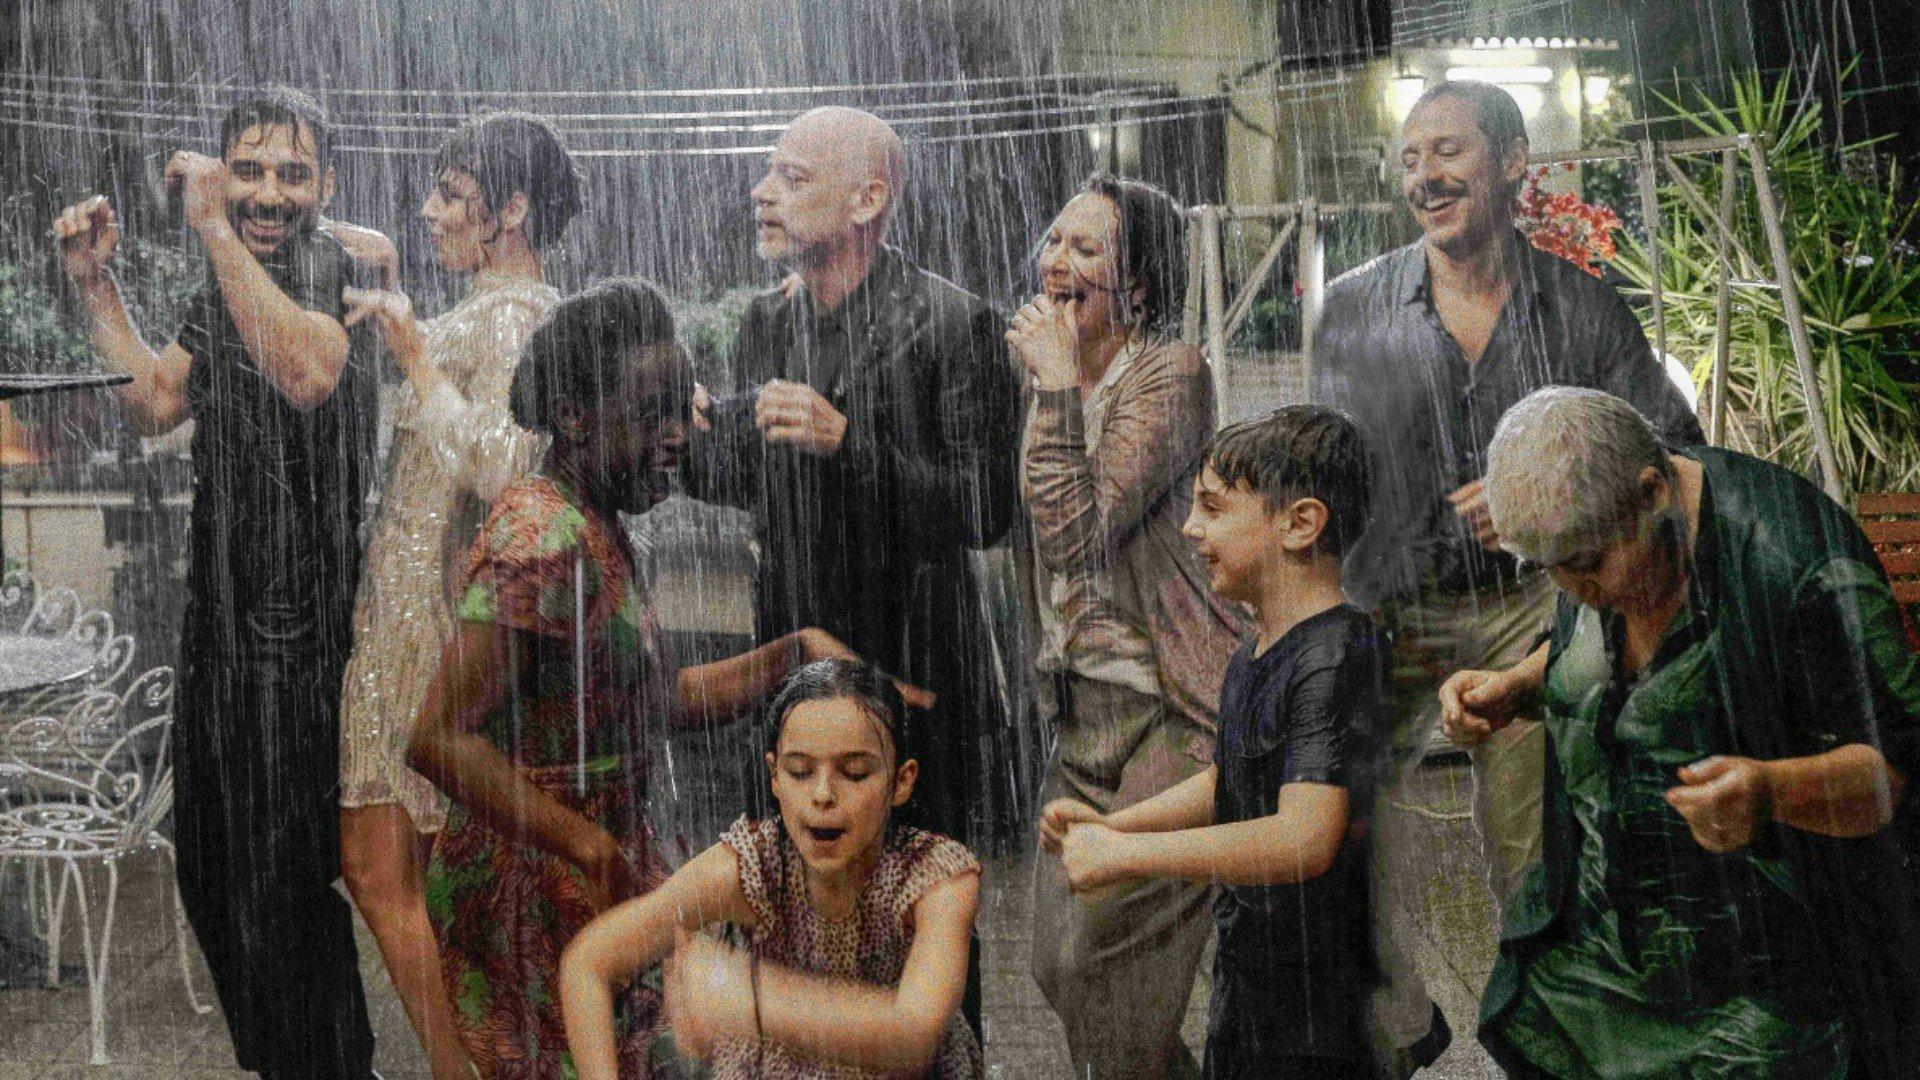 La Dea Fortuna, al cinema il nuovo (solito) film di Ferzan Ozpetek